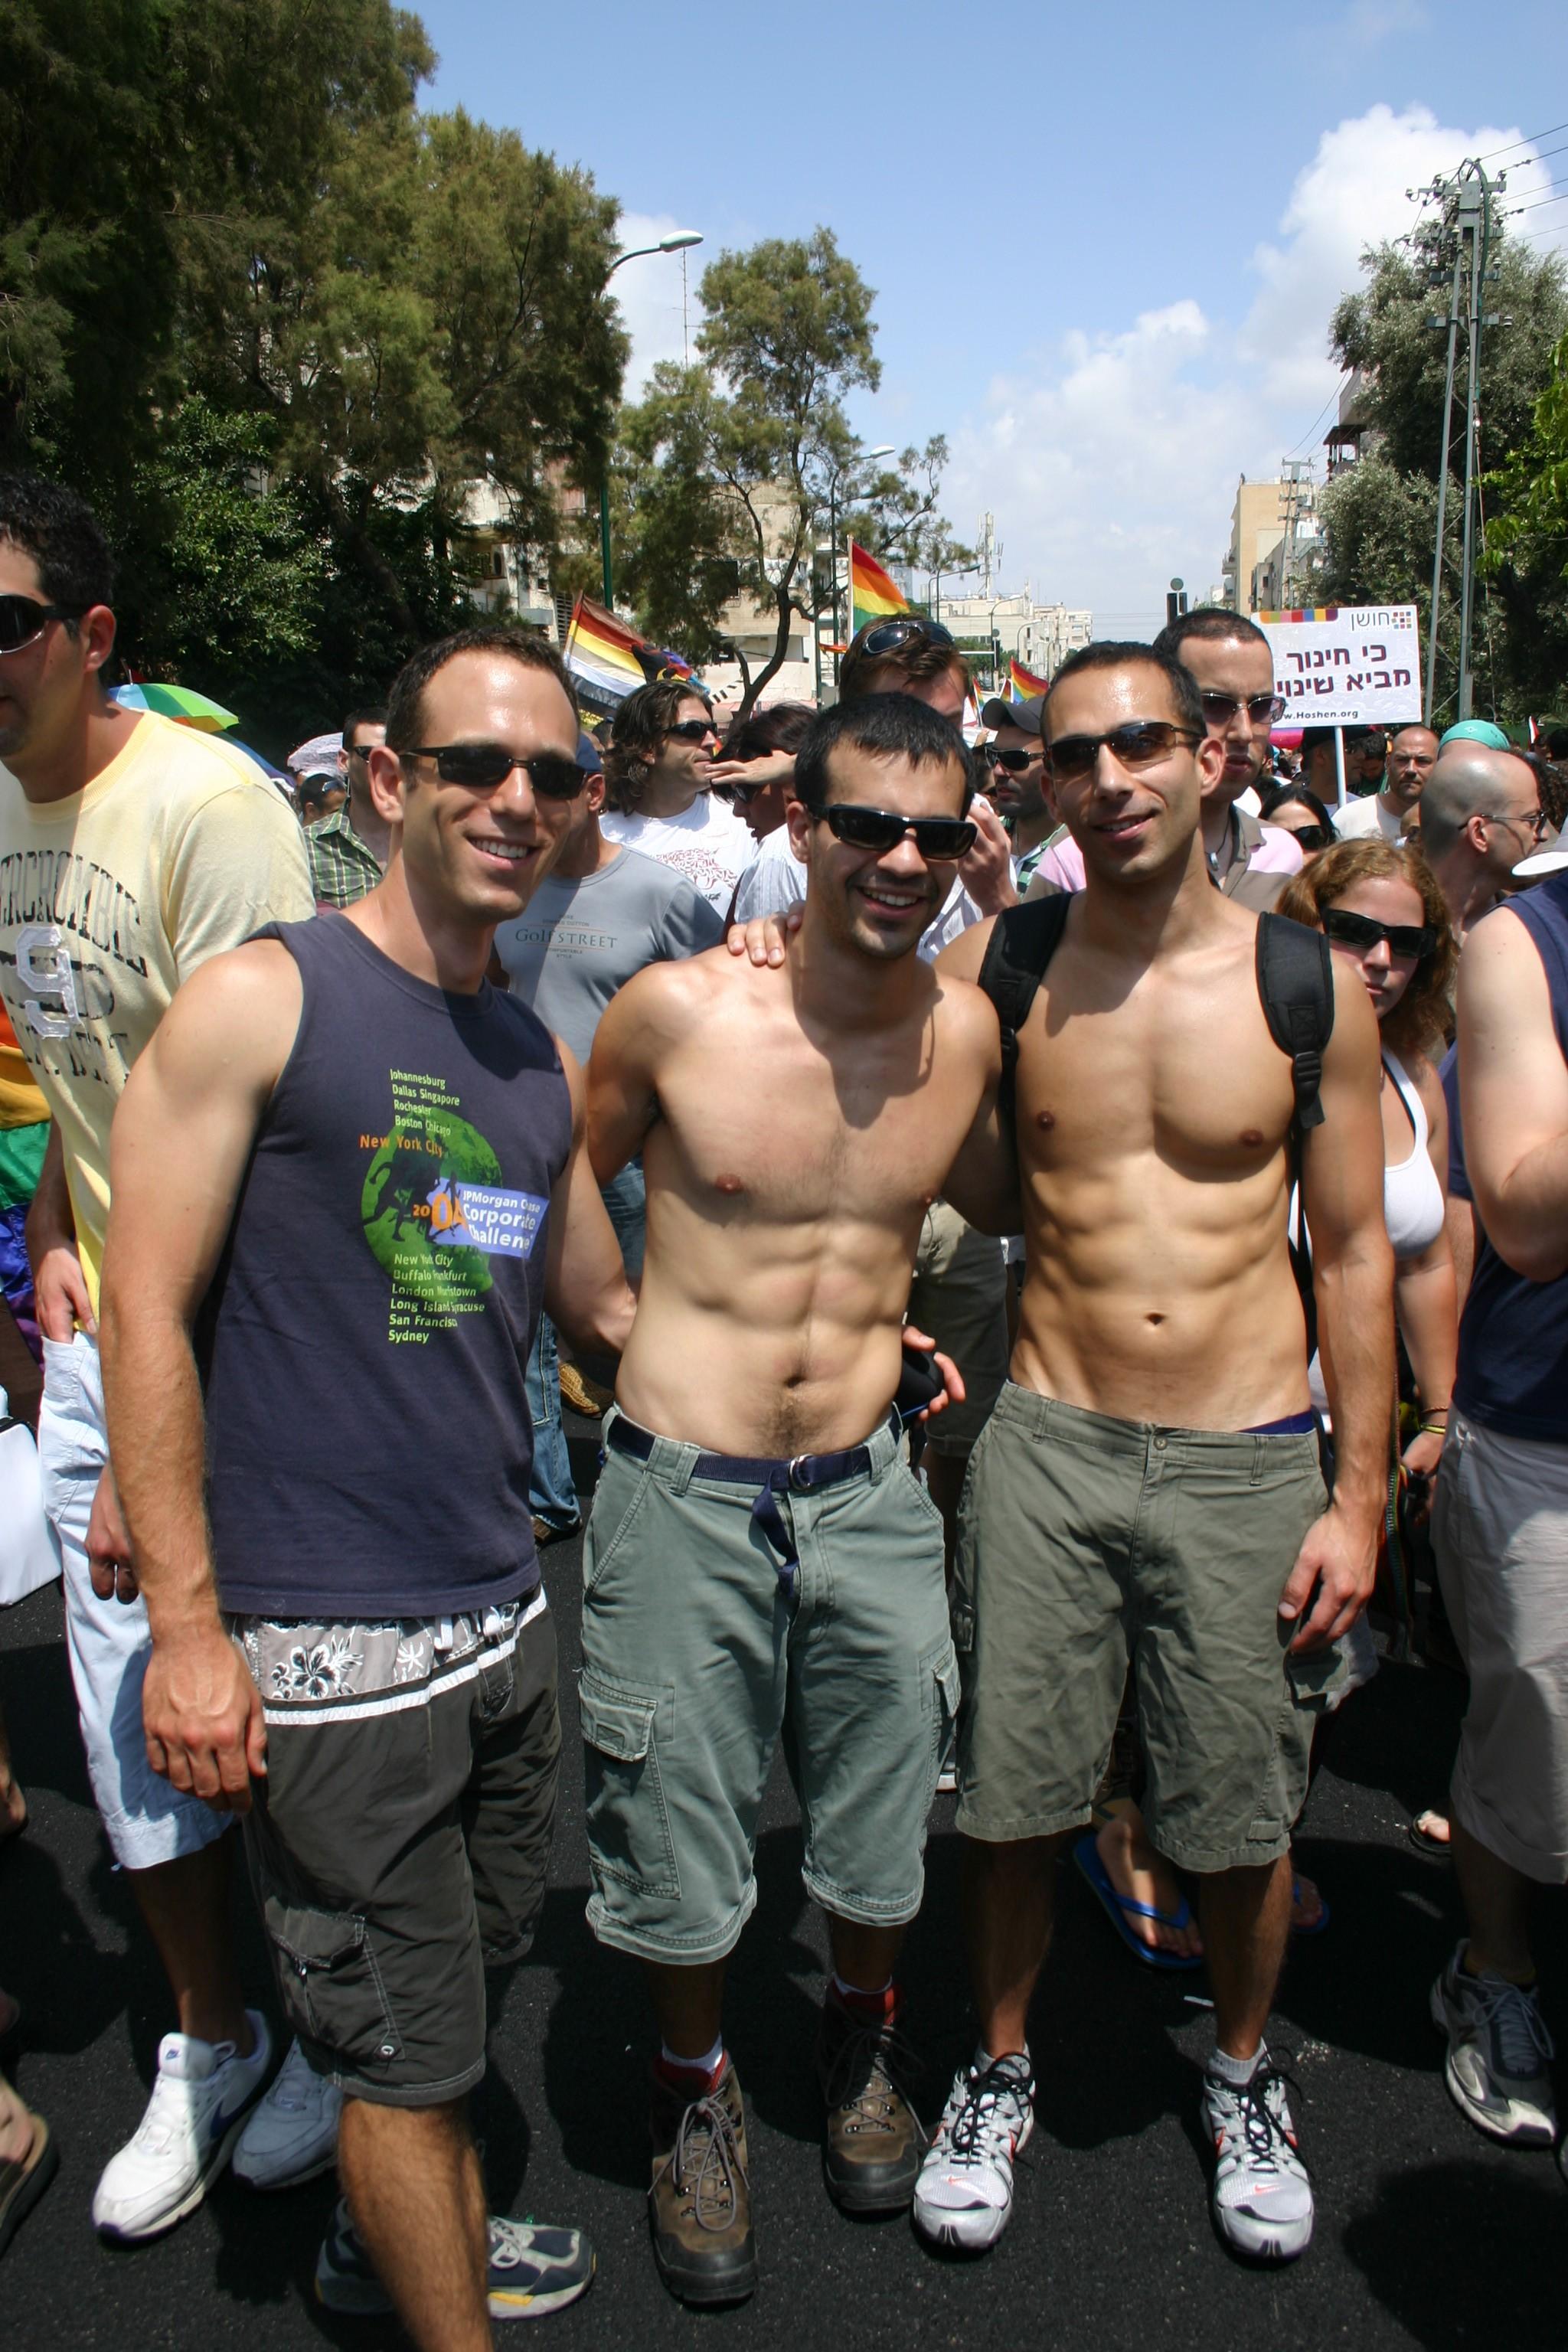 Pride Parade Tel Aviv 2008: Schwule israelische Männer beim größten Christopher Street-Event Israels